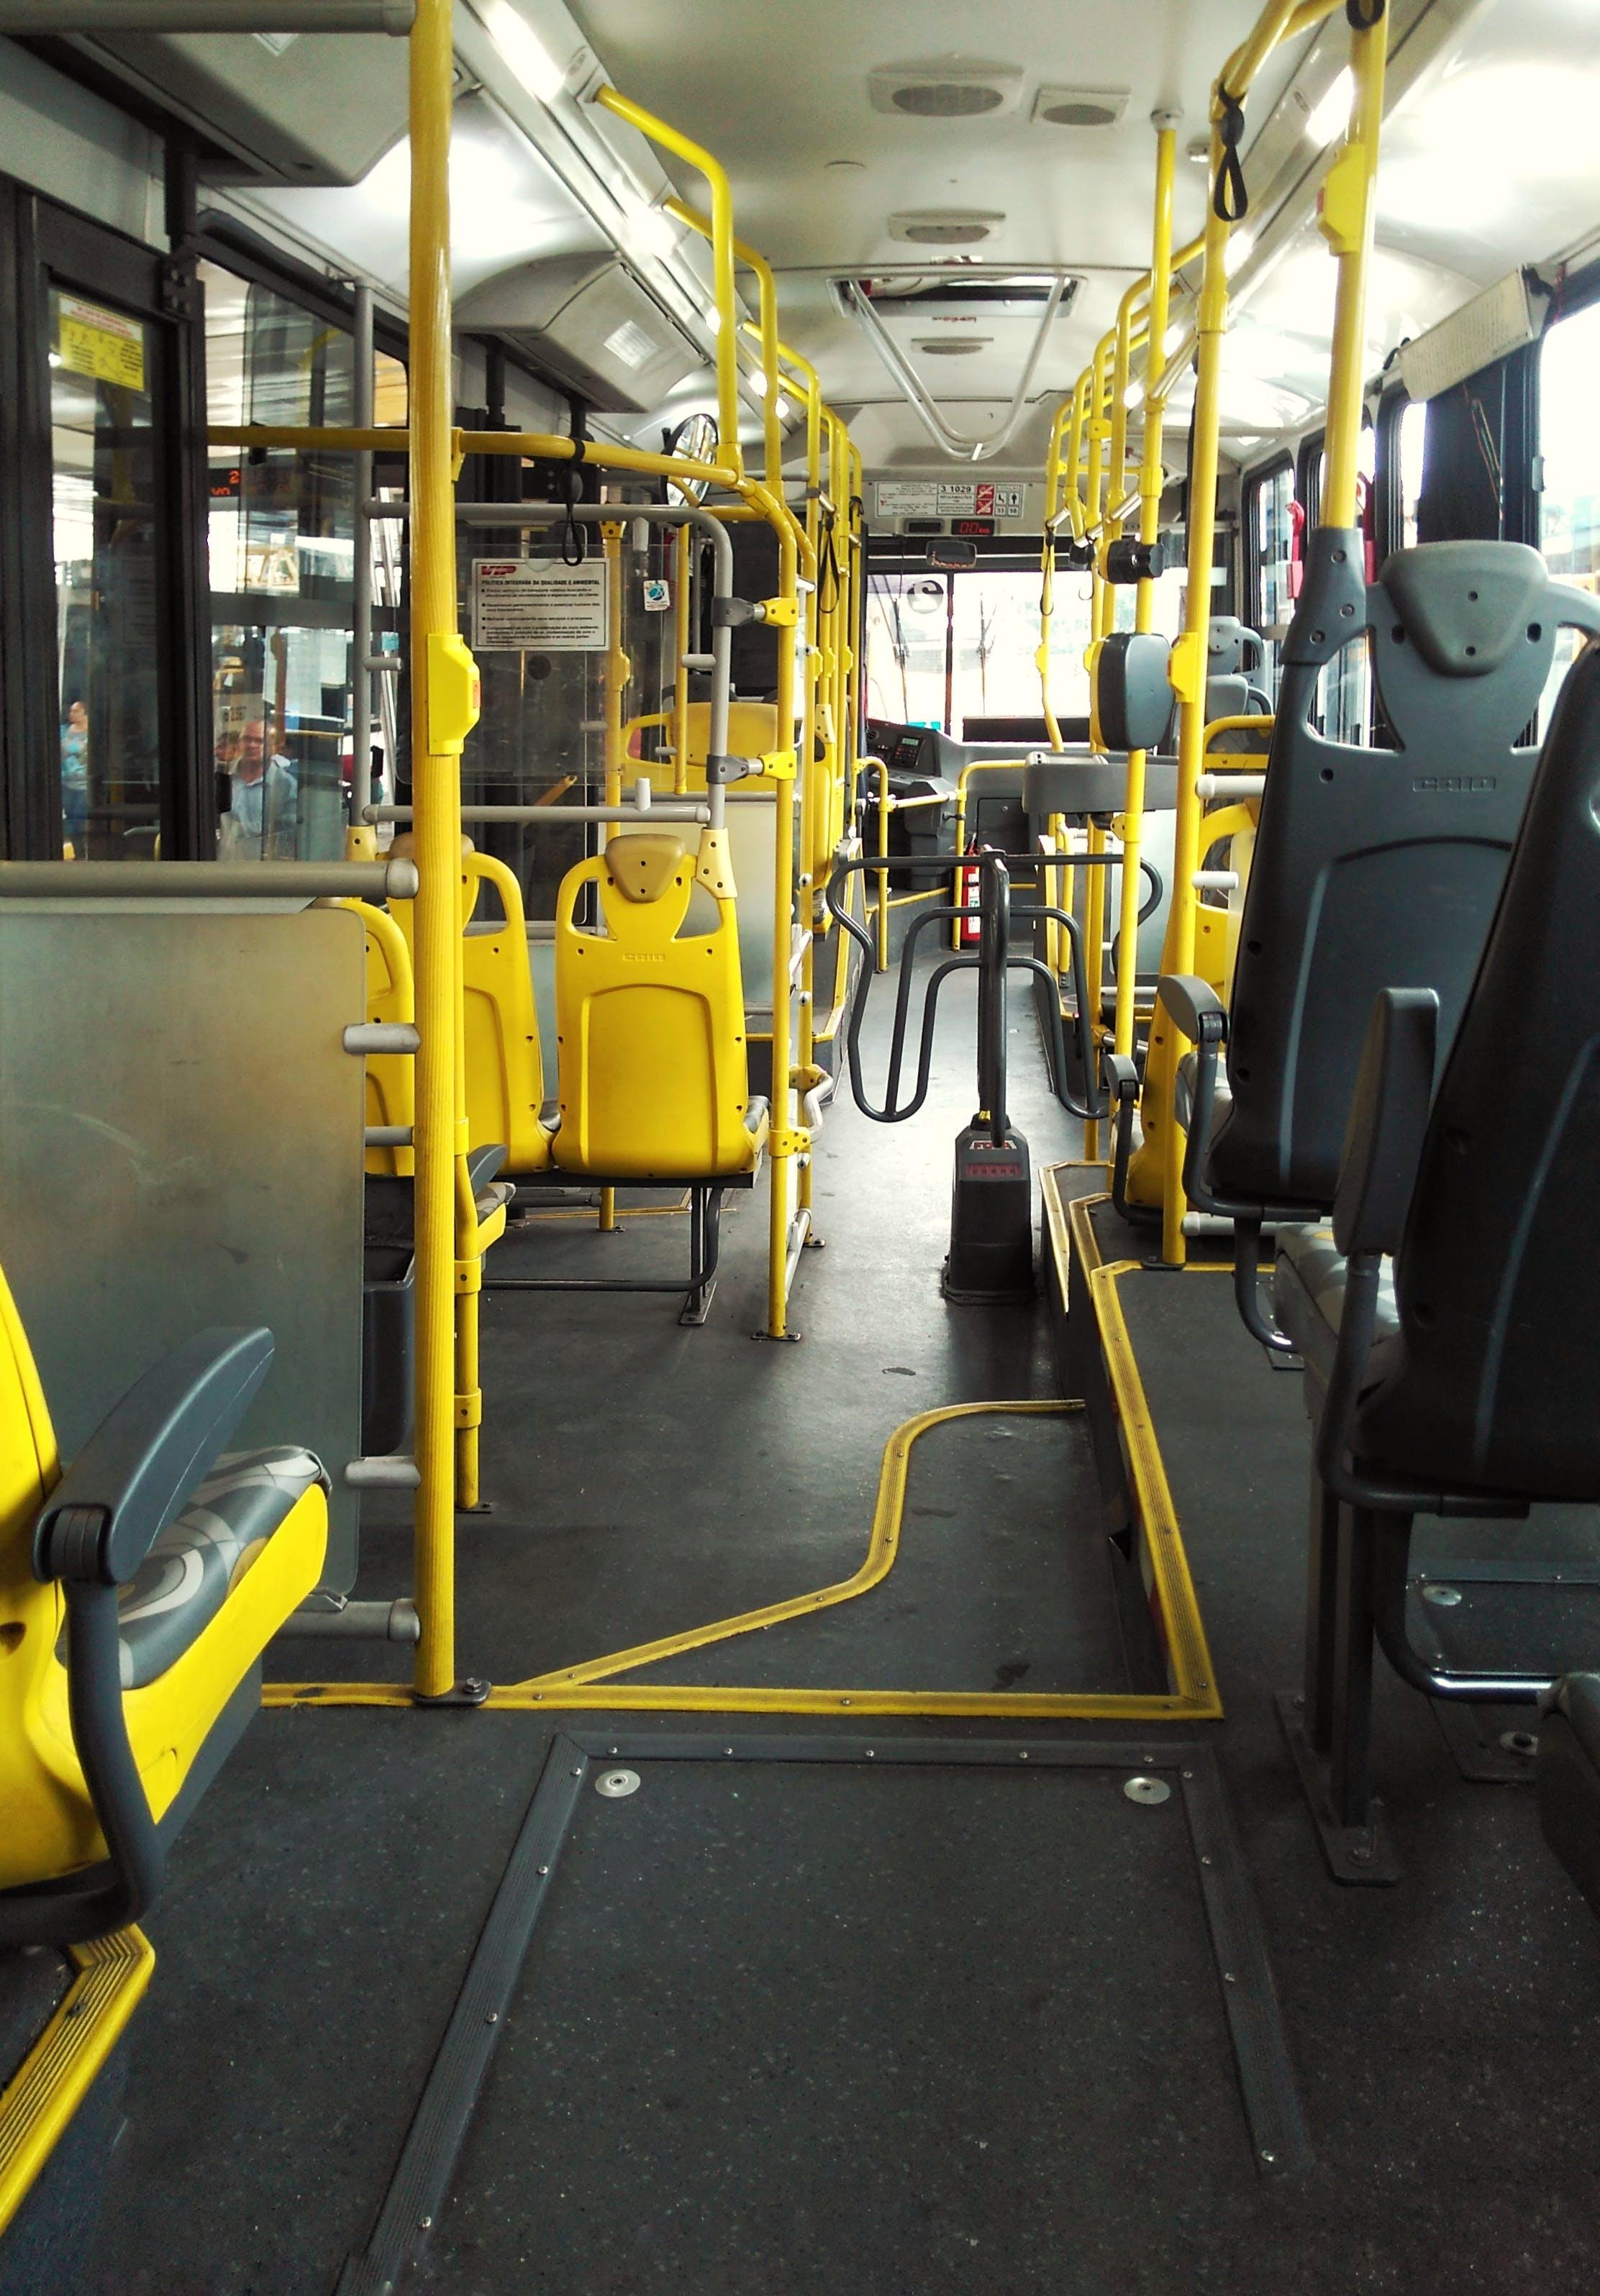 バス, 交通機関, 機関車, 車両の無料の写真素材